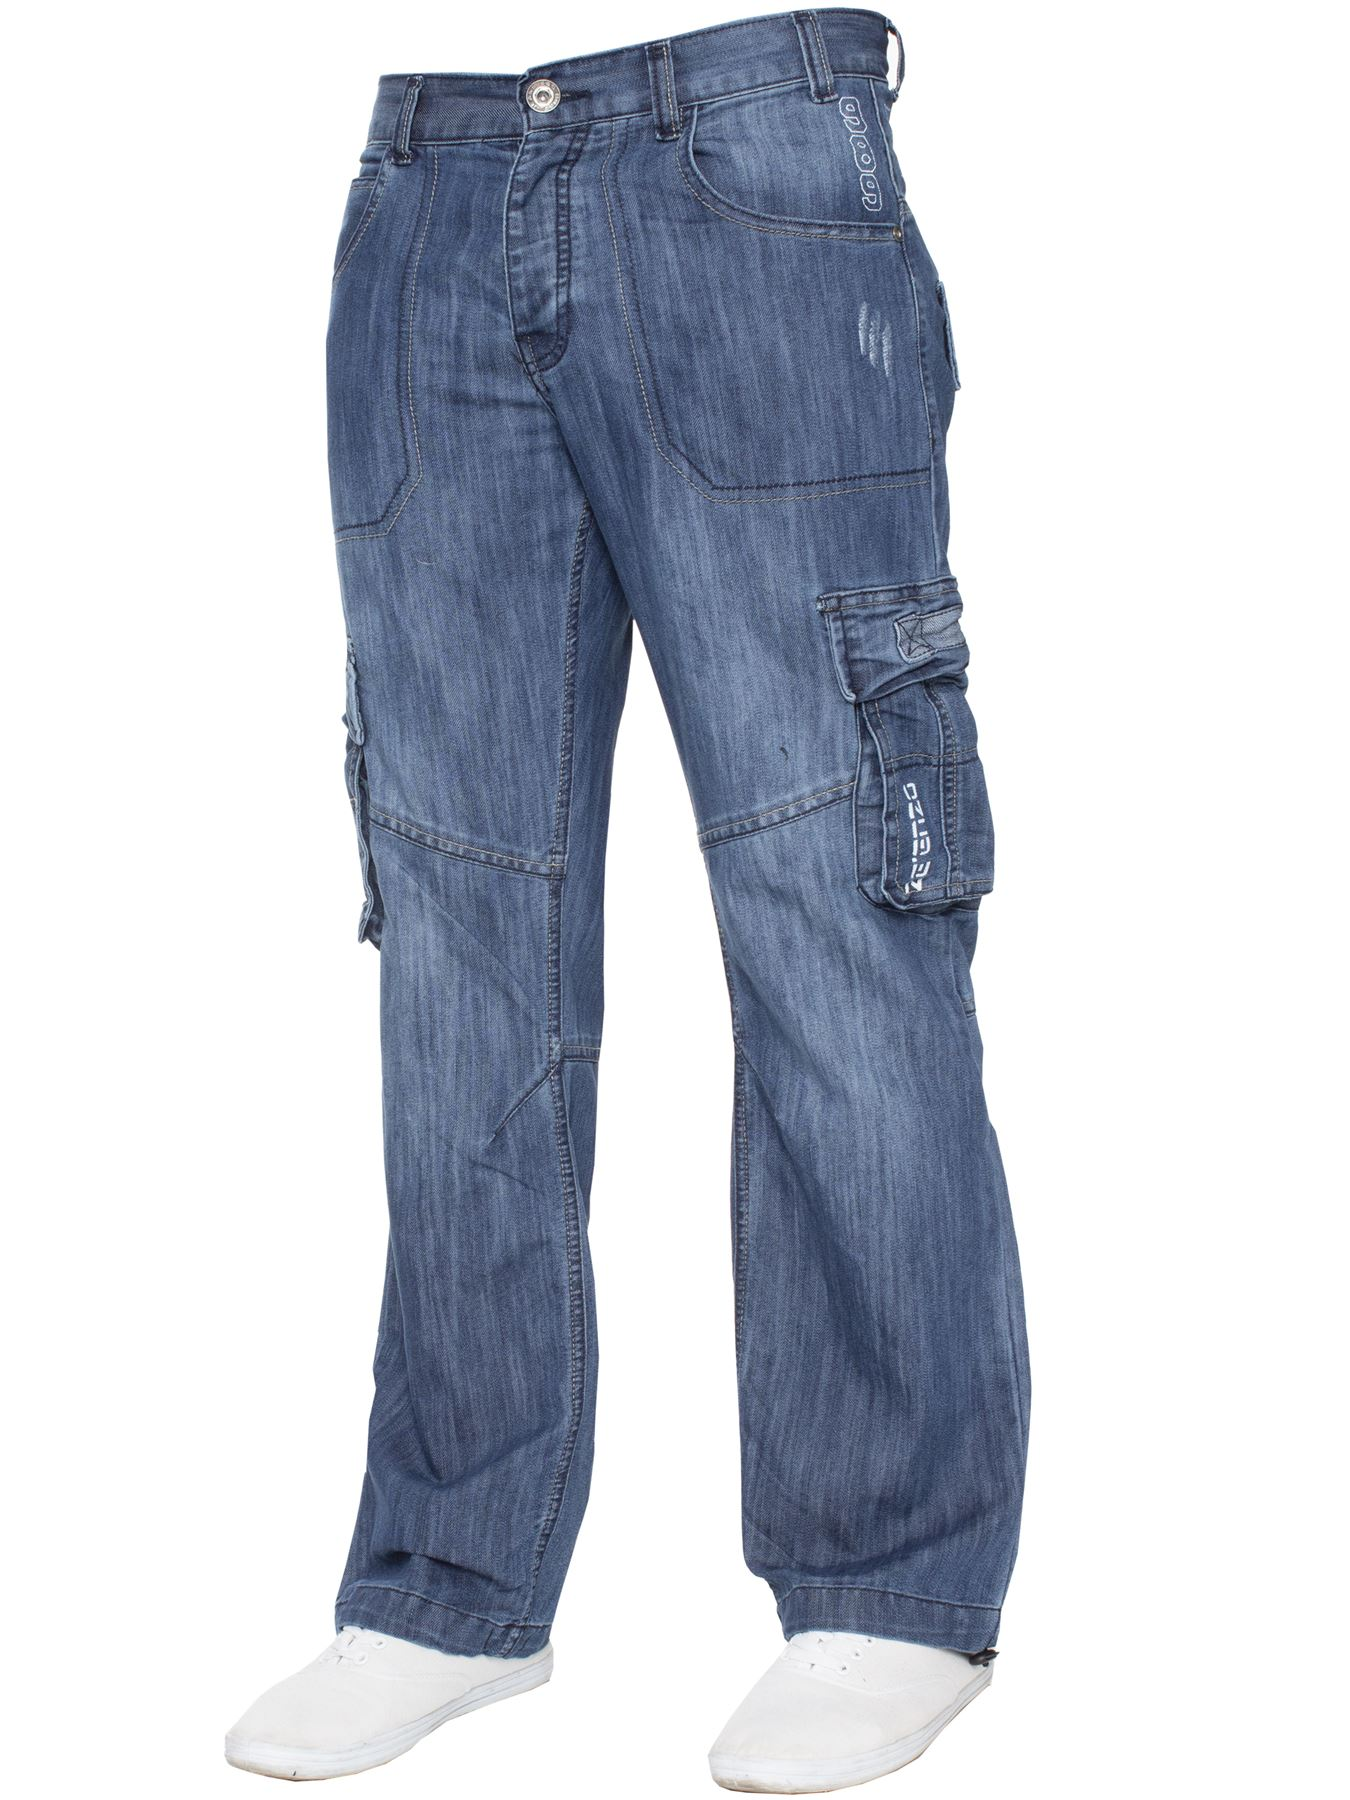 Jeans-Para-Hombre-de-carga-de-combate-pesado-Pantalones-de-trabajo-pantalones-de-mezclilla-Big-King miniatura 10